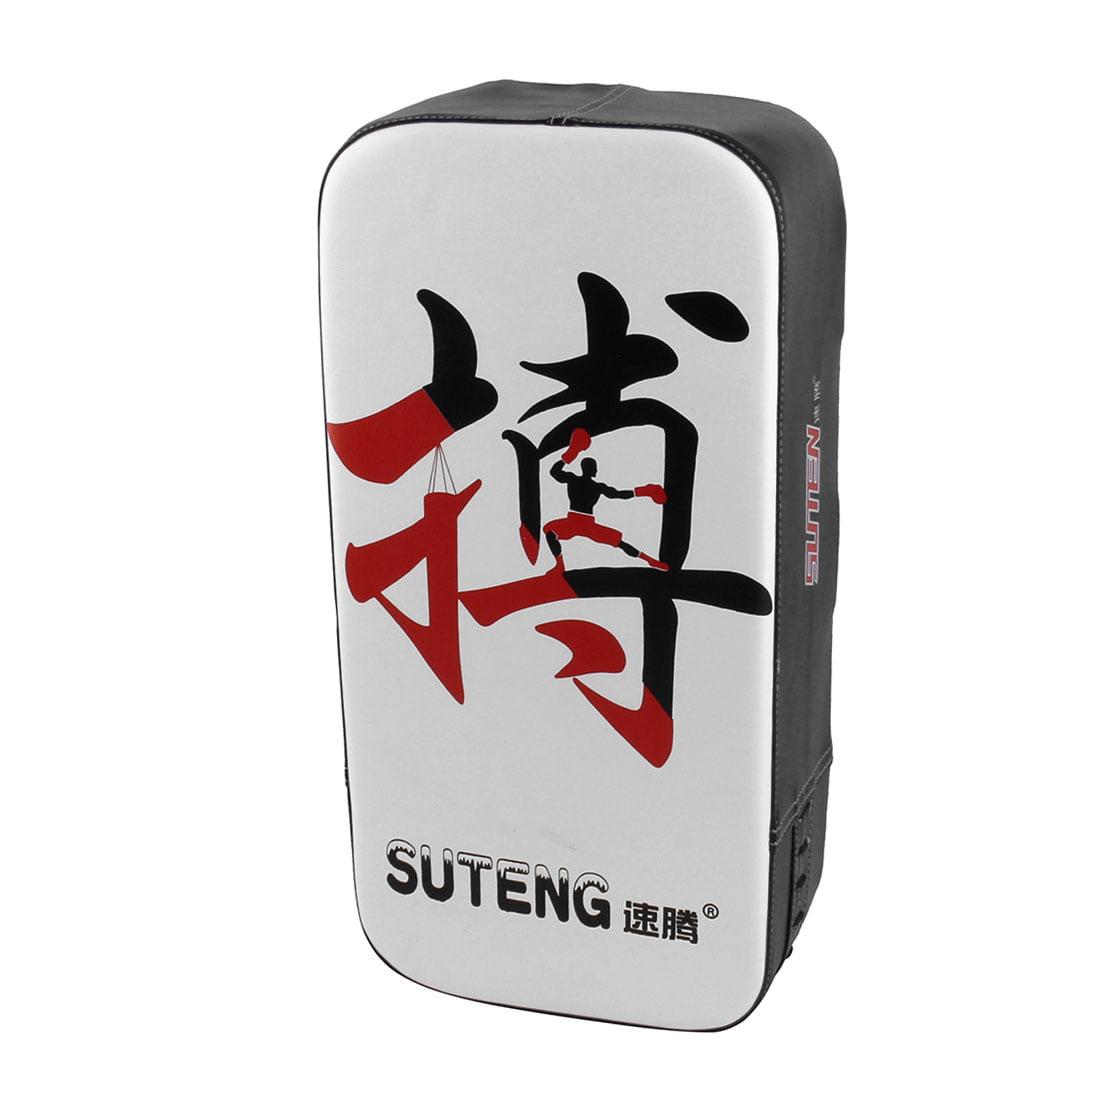 SUTENG Authorized Boxing Strike Target Karate Punching Kicking Taekwondo Training Pad Shield Black1